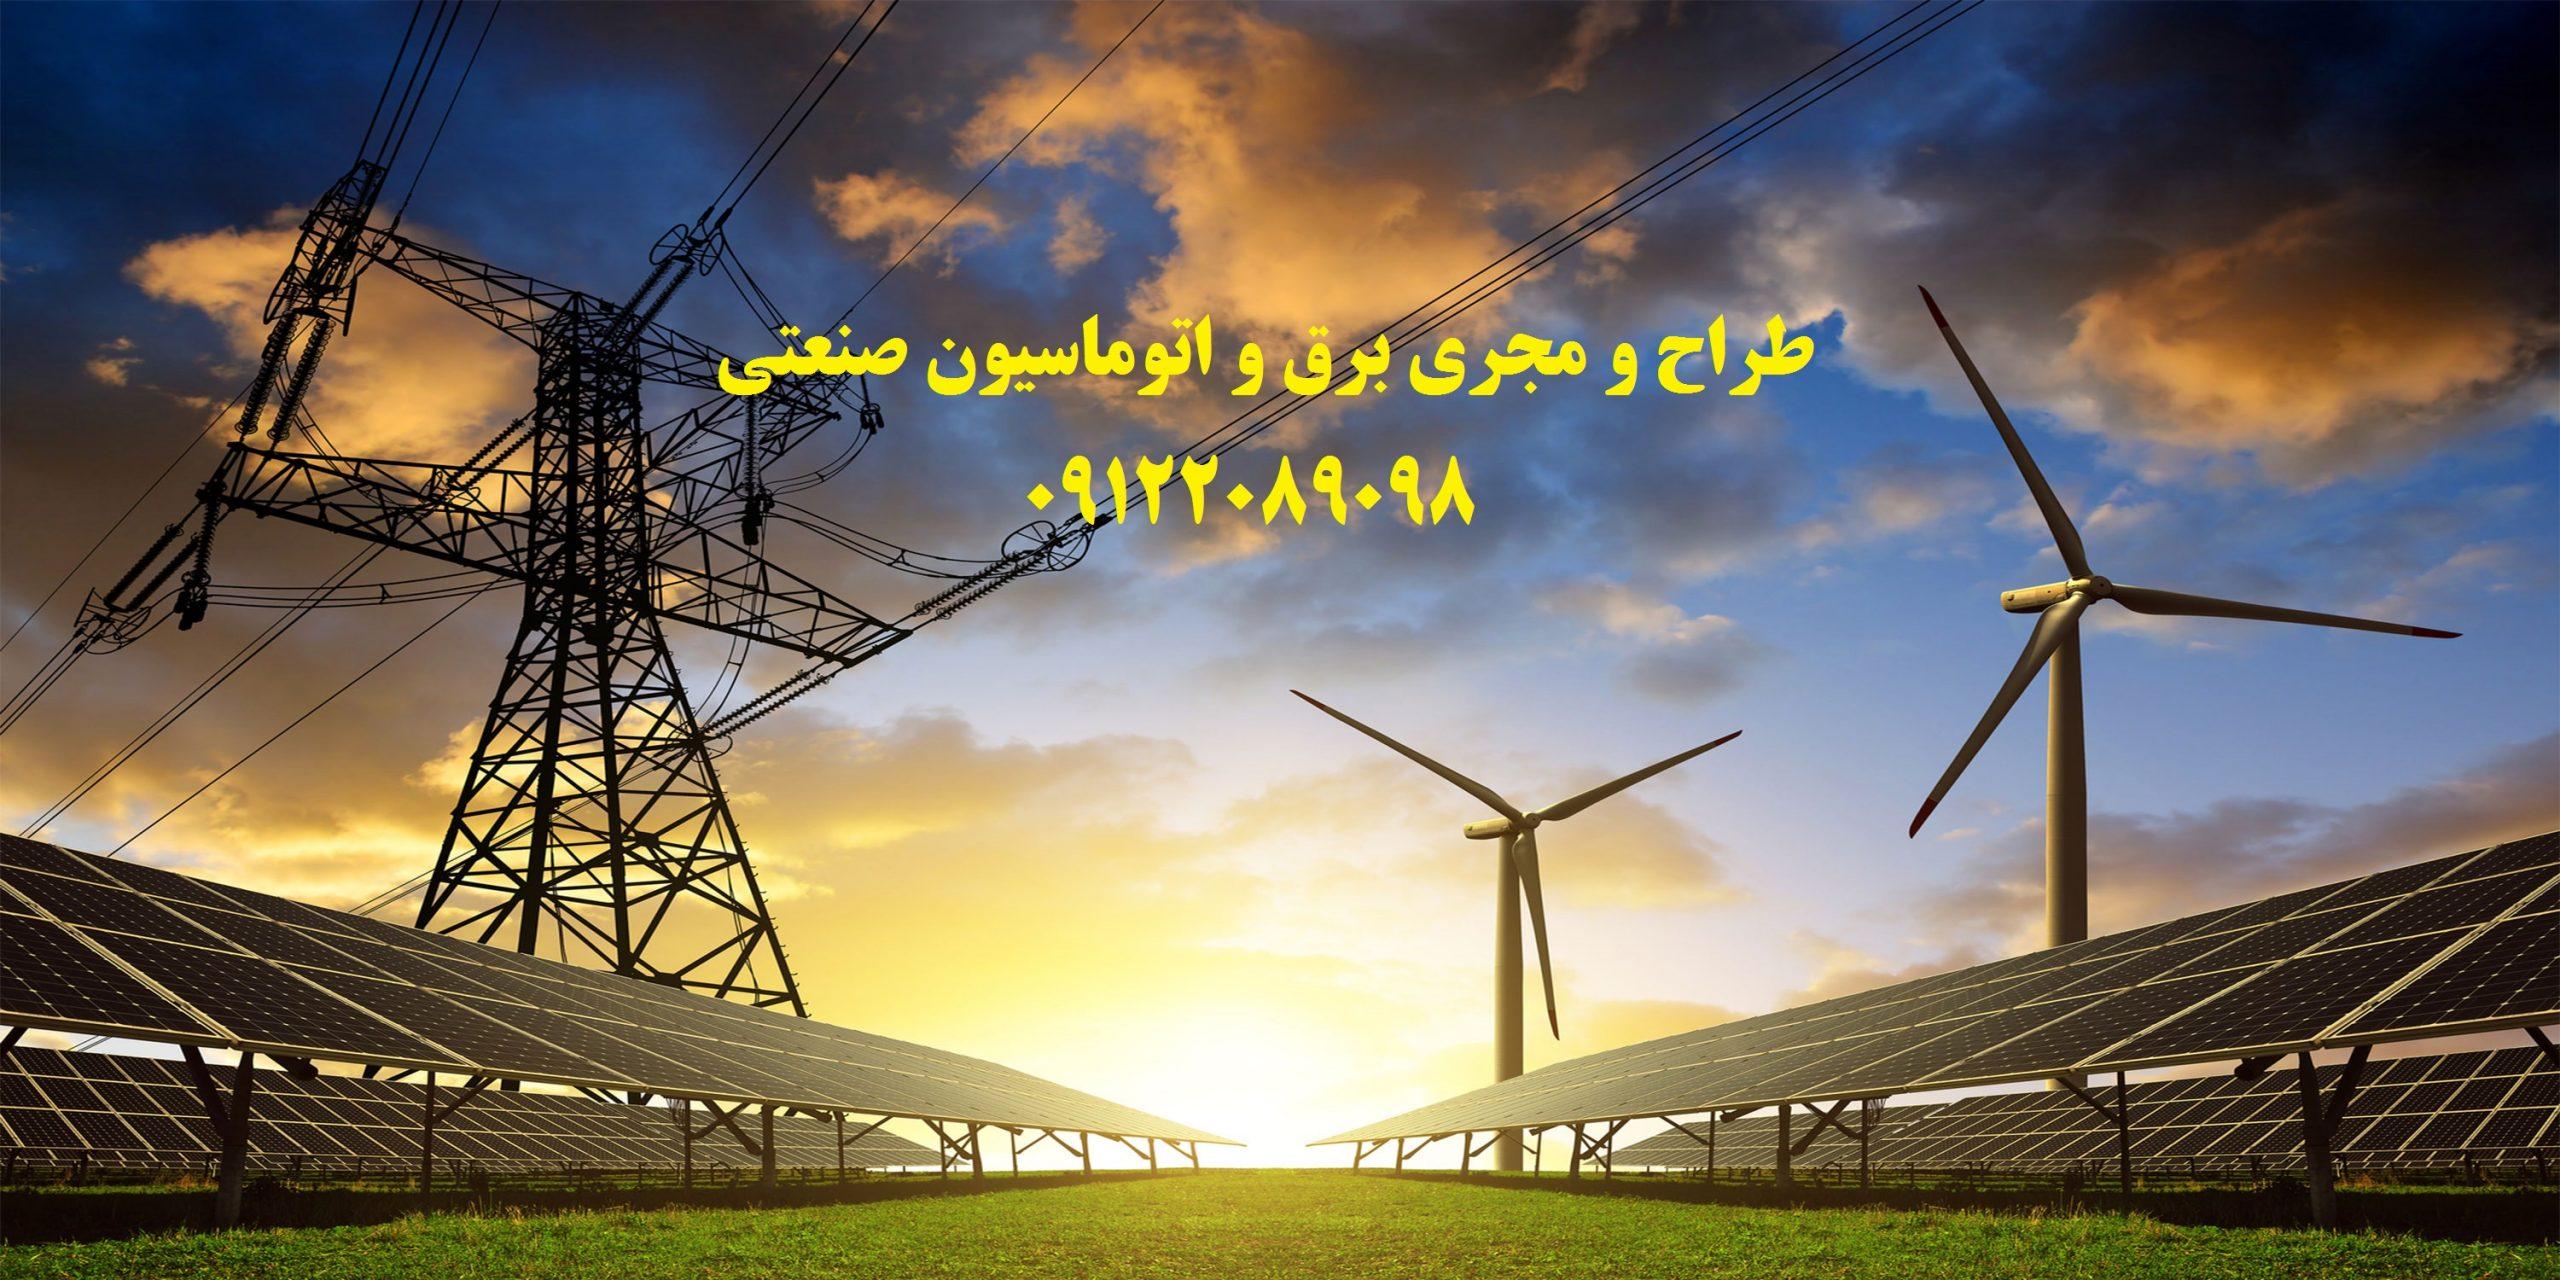 اجراء برق دستگاههای کارخانجات صنعتی